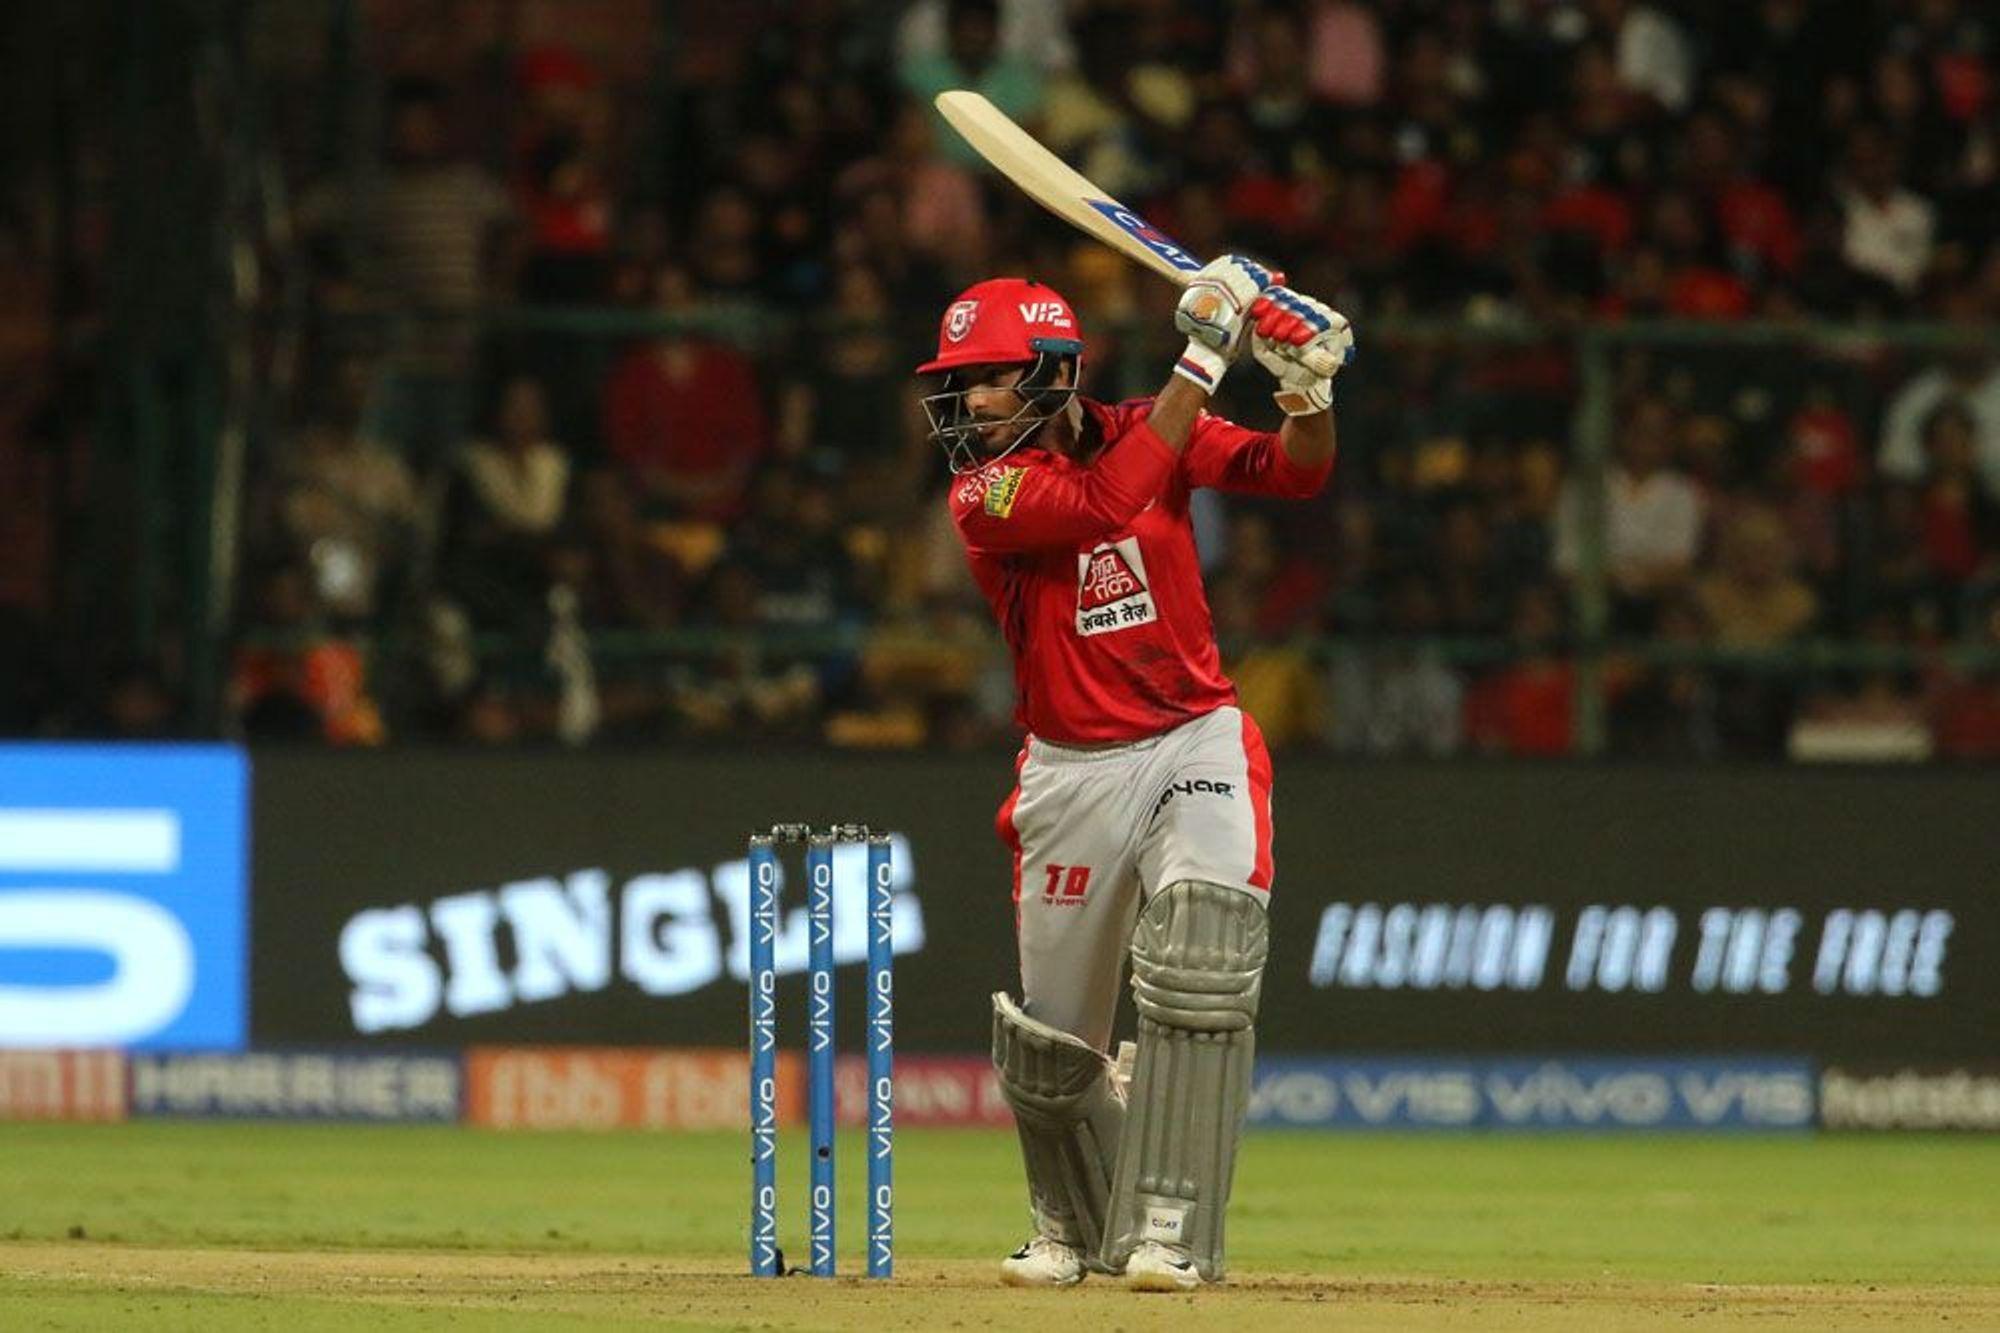 रॉयल चैलेंजर्स बैंगलोर के खिलाफ किंग्स इलेवन पंजाब की हार के ये रहे 3 प्रमुख कारण 4